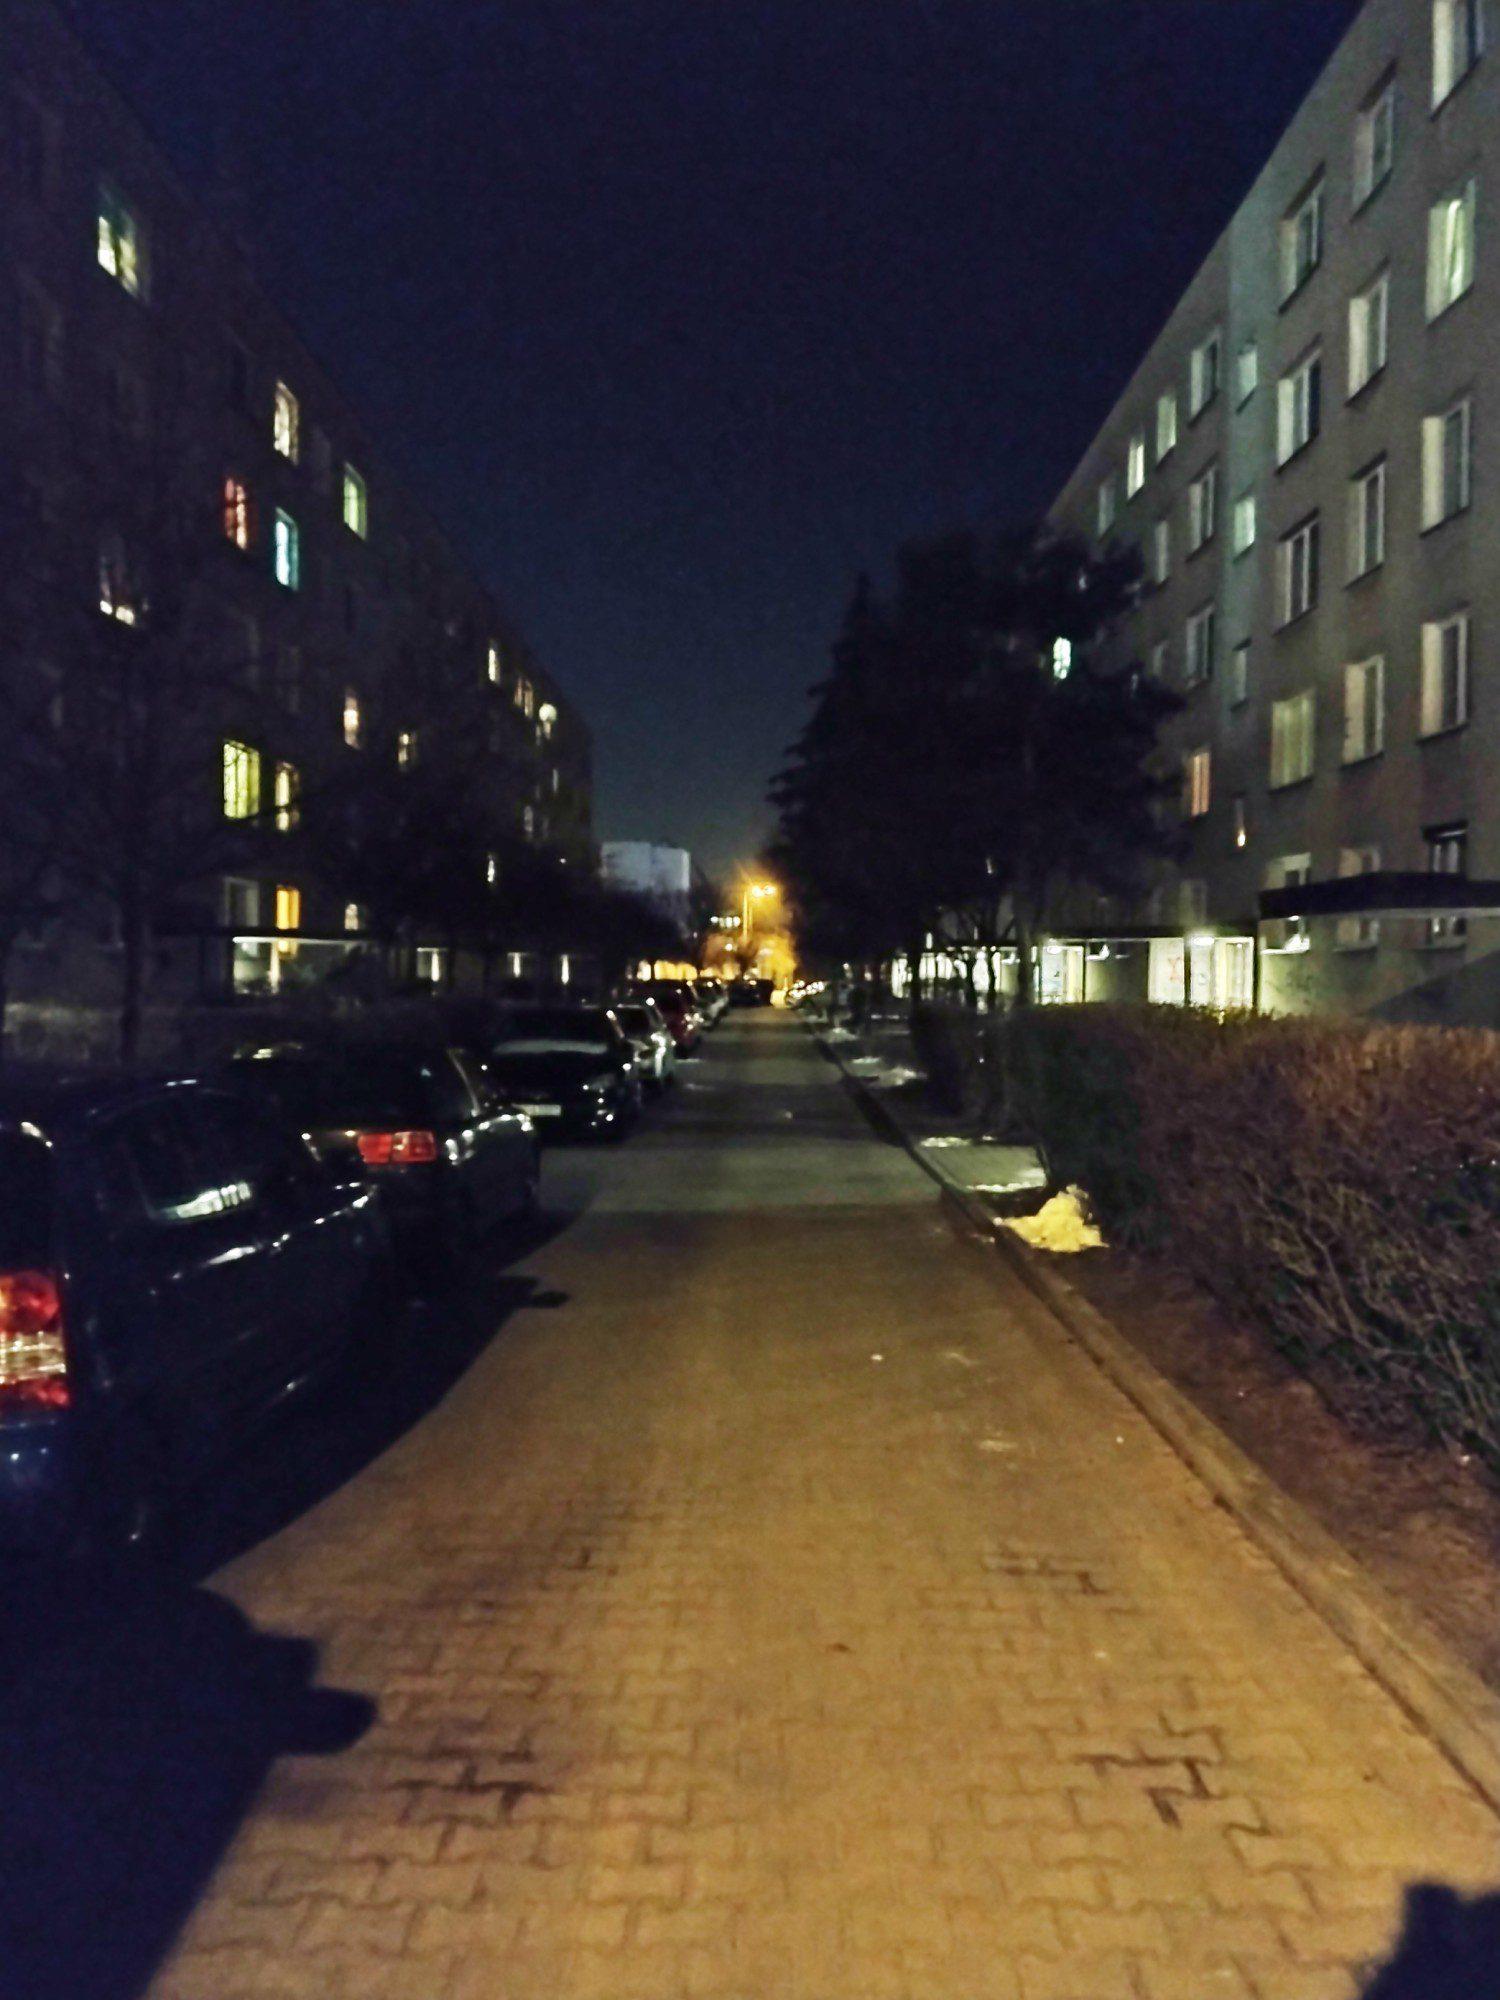 moto g30 zdjęcie nocne bloki